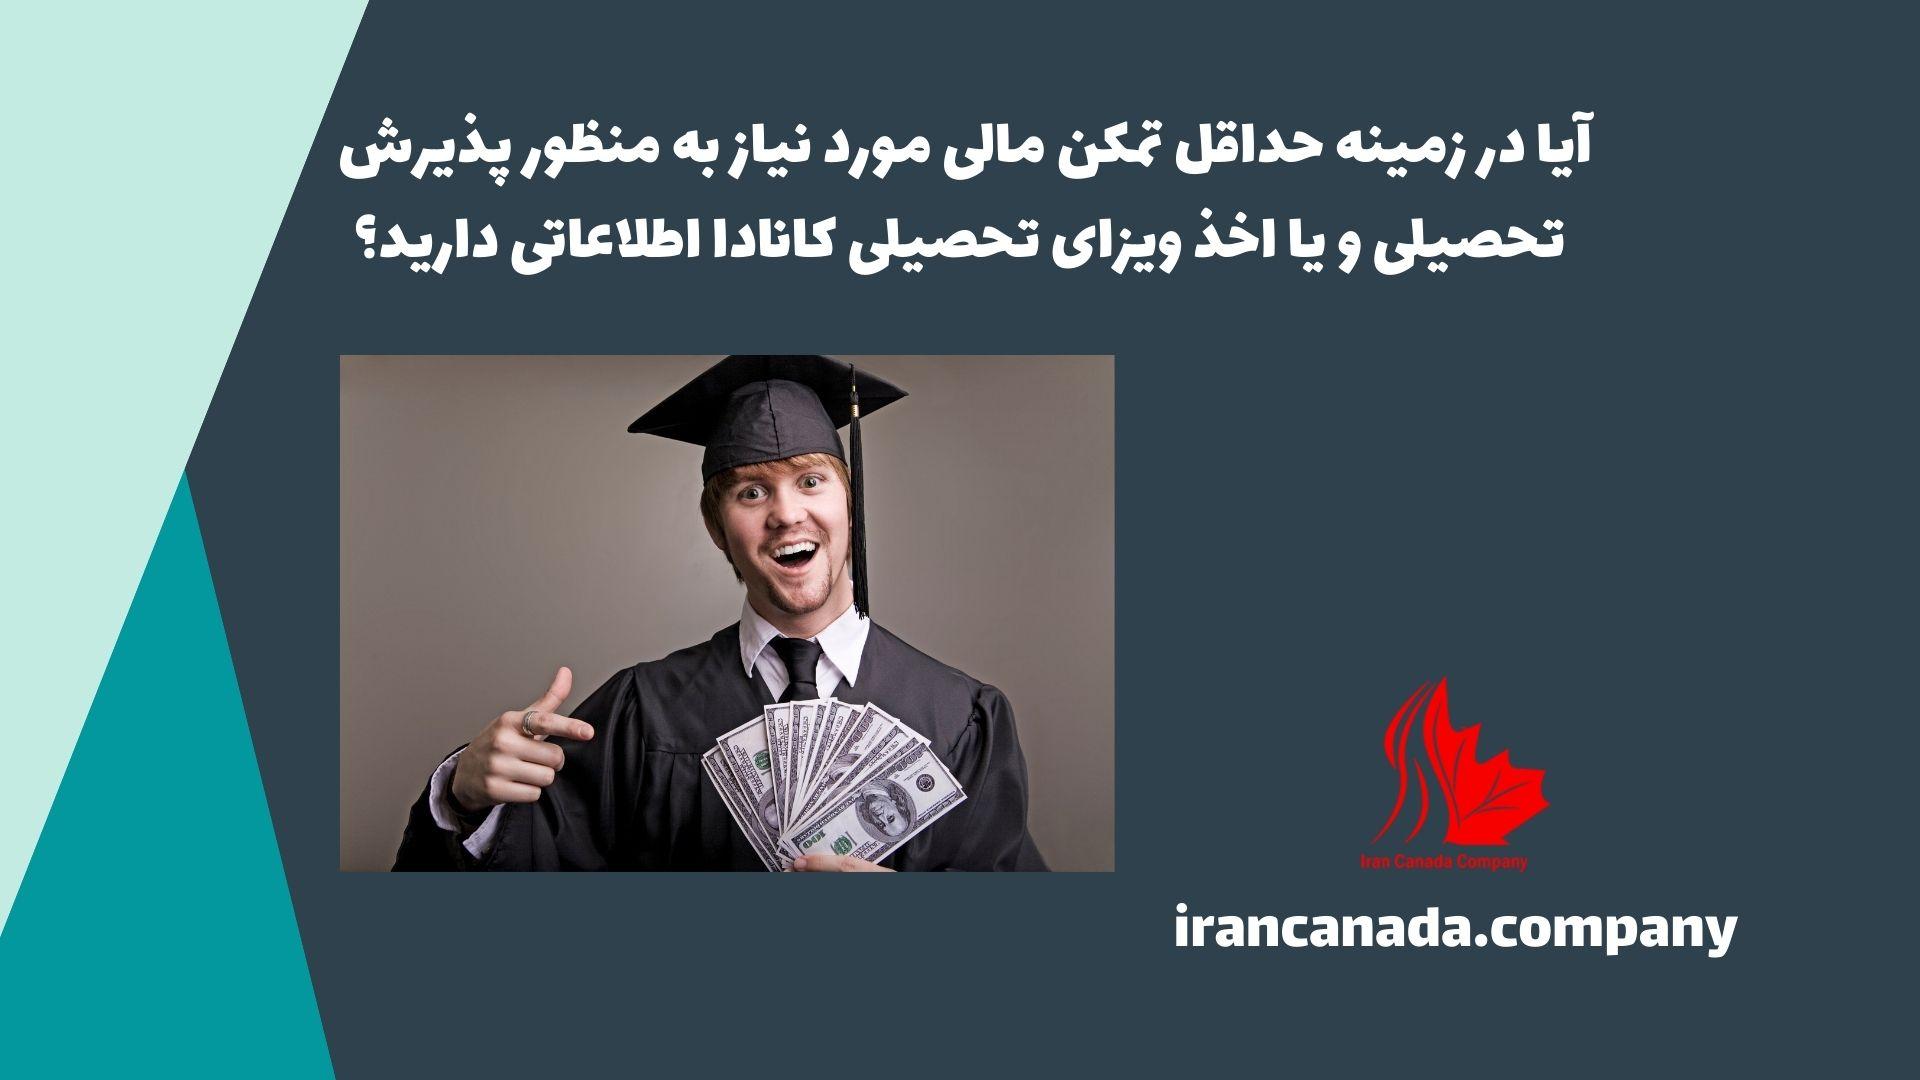 آیا در زمینه حداقل تمکن مالی مورد نیاز به منظور پذیرش تحصیلی و یا اخذ ویزای تحصیلی کانادا اطلاعاتی دارید؟